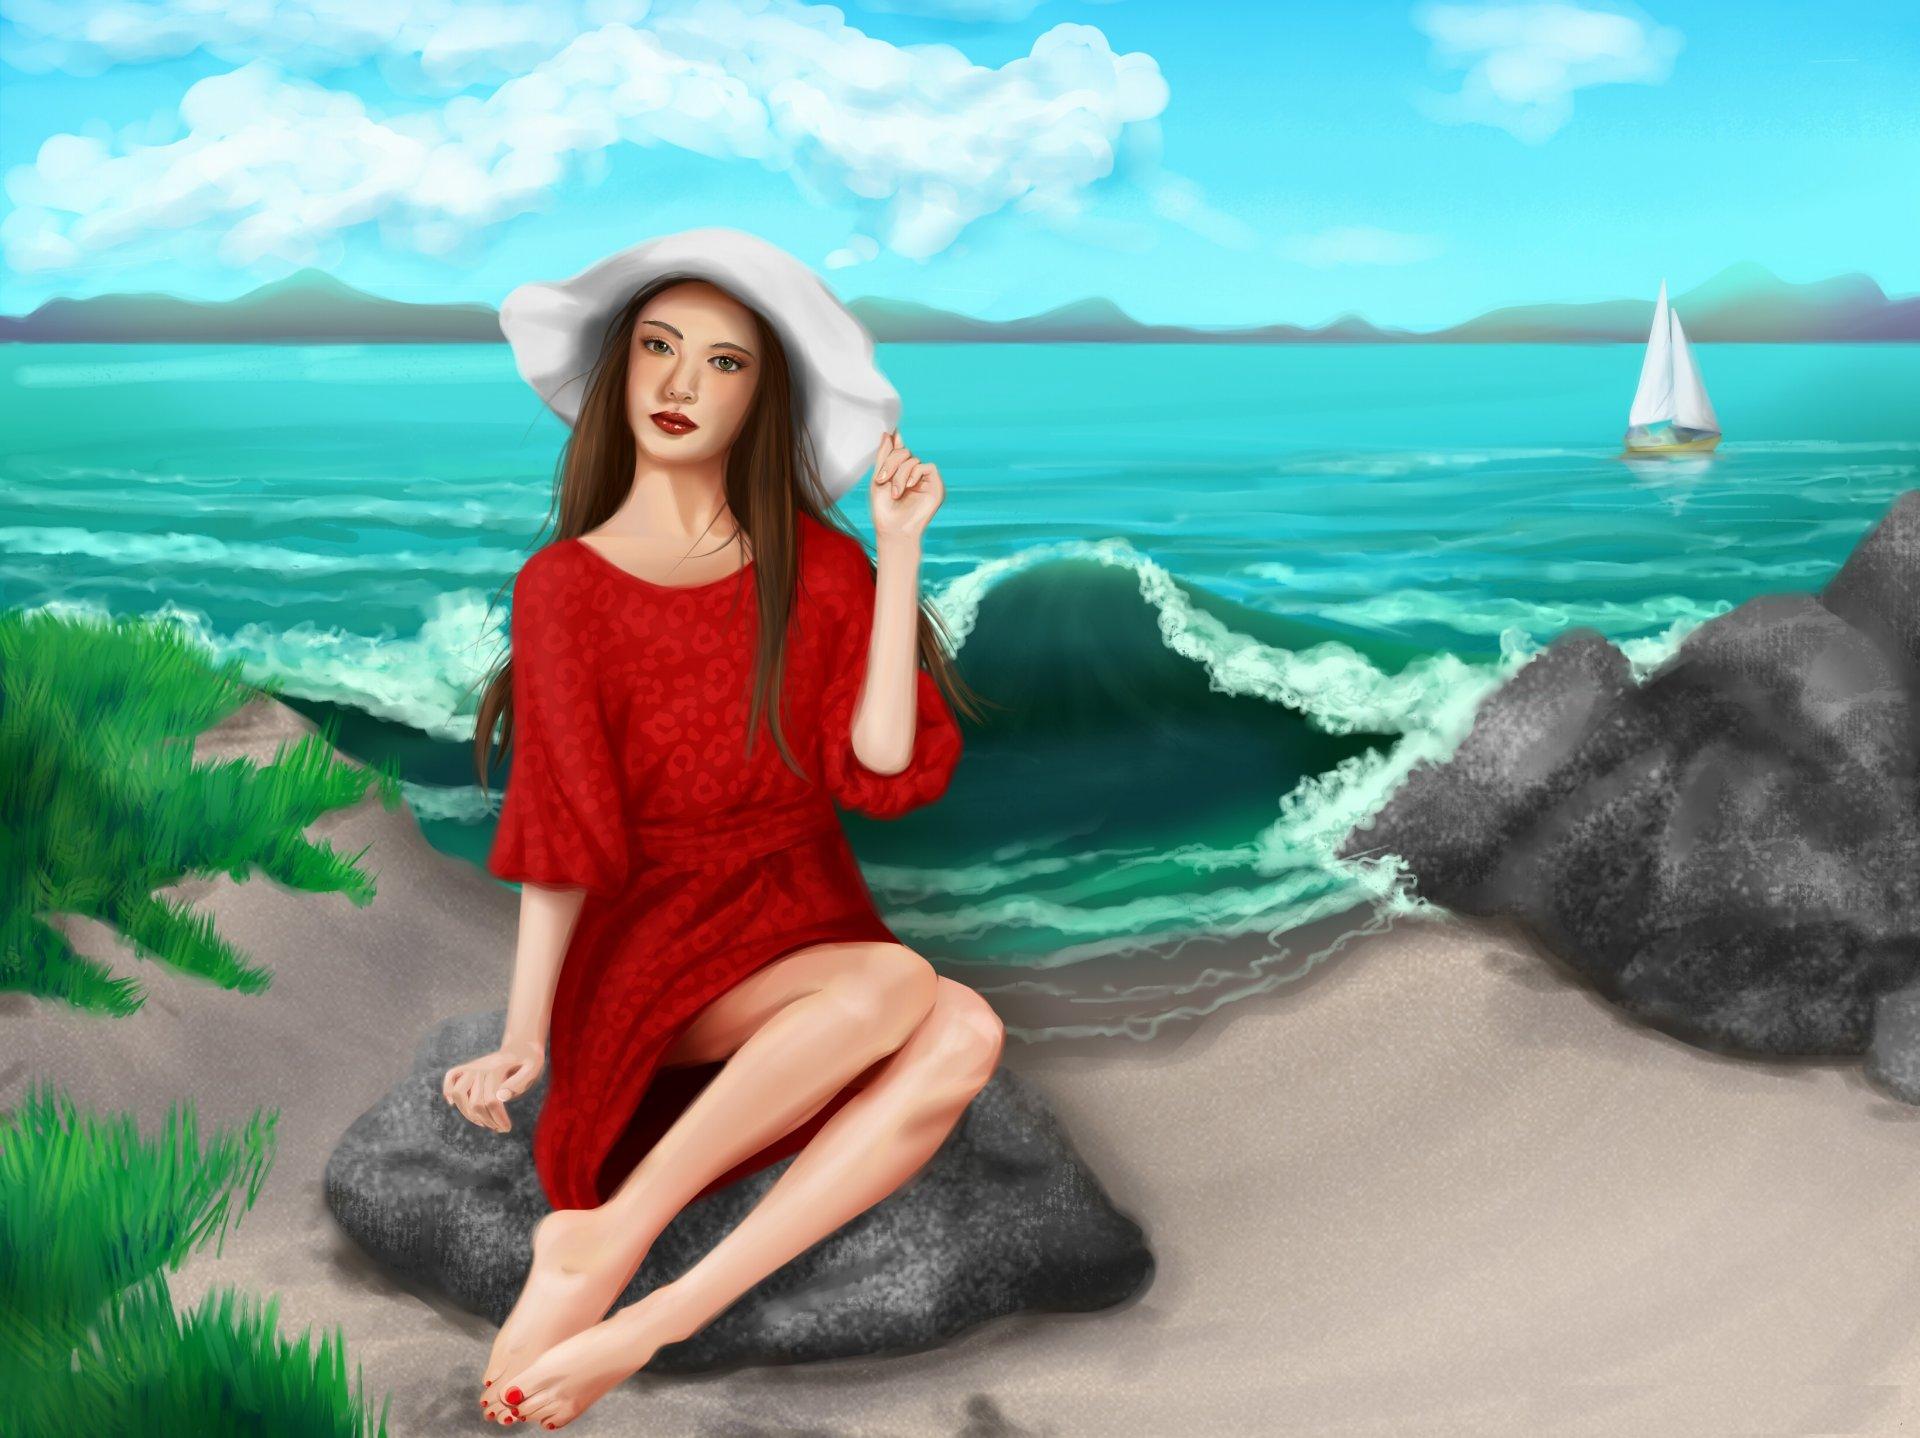 Машинка, красивые анимации картинки девушек на море